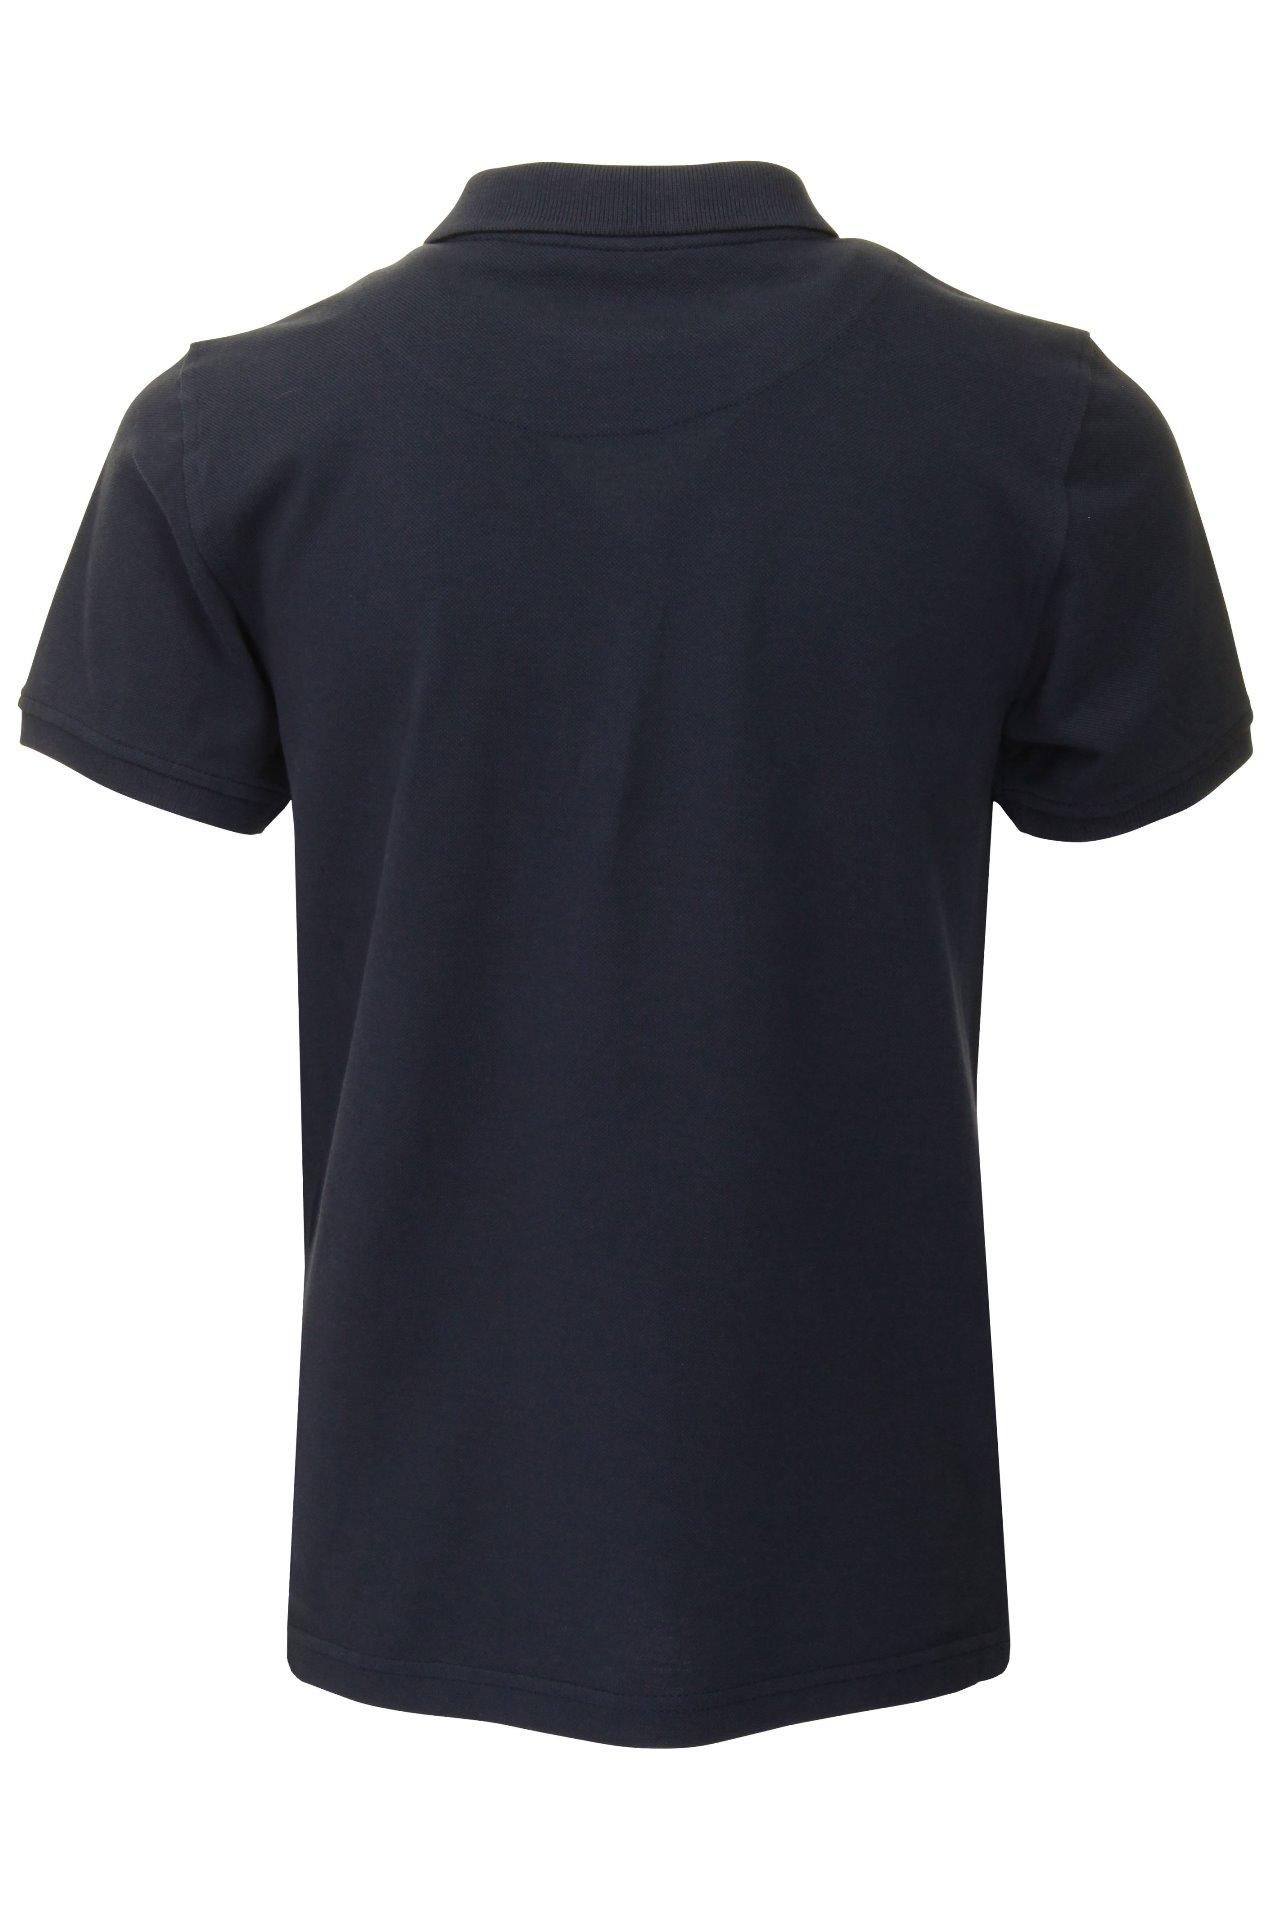 Lyle-amp-Scott-Garcons-Classique-Polo-T-Shirt miniature 11